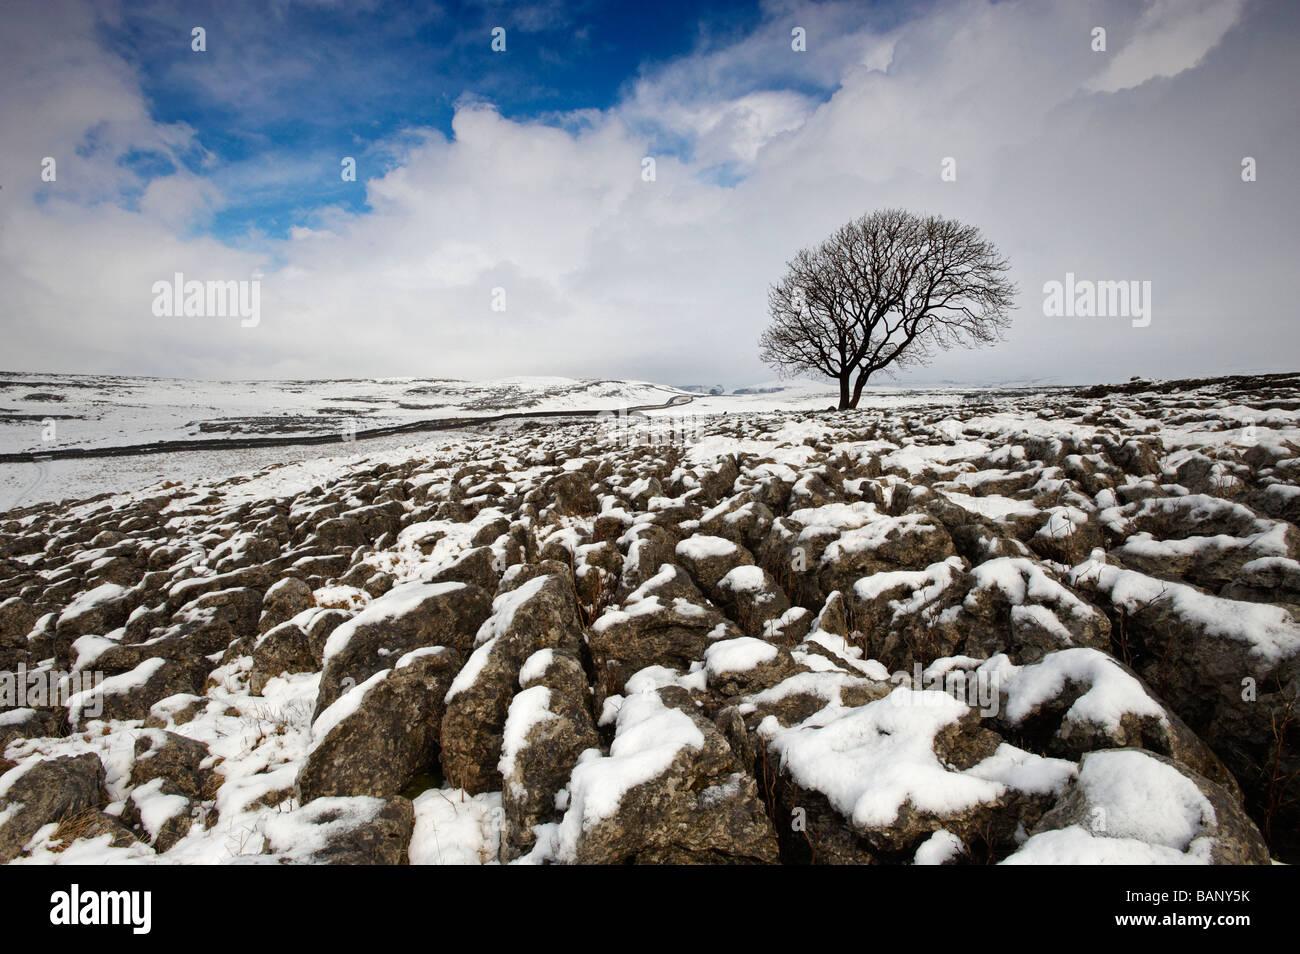 Malham Yorkshire UK - Stock Image